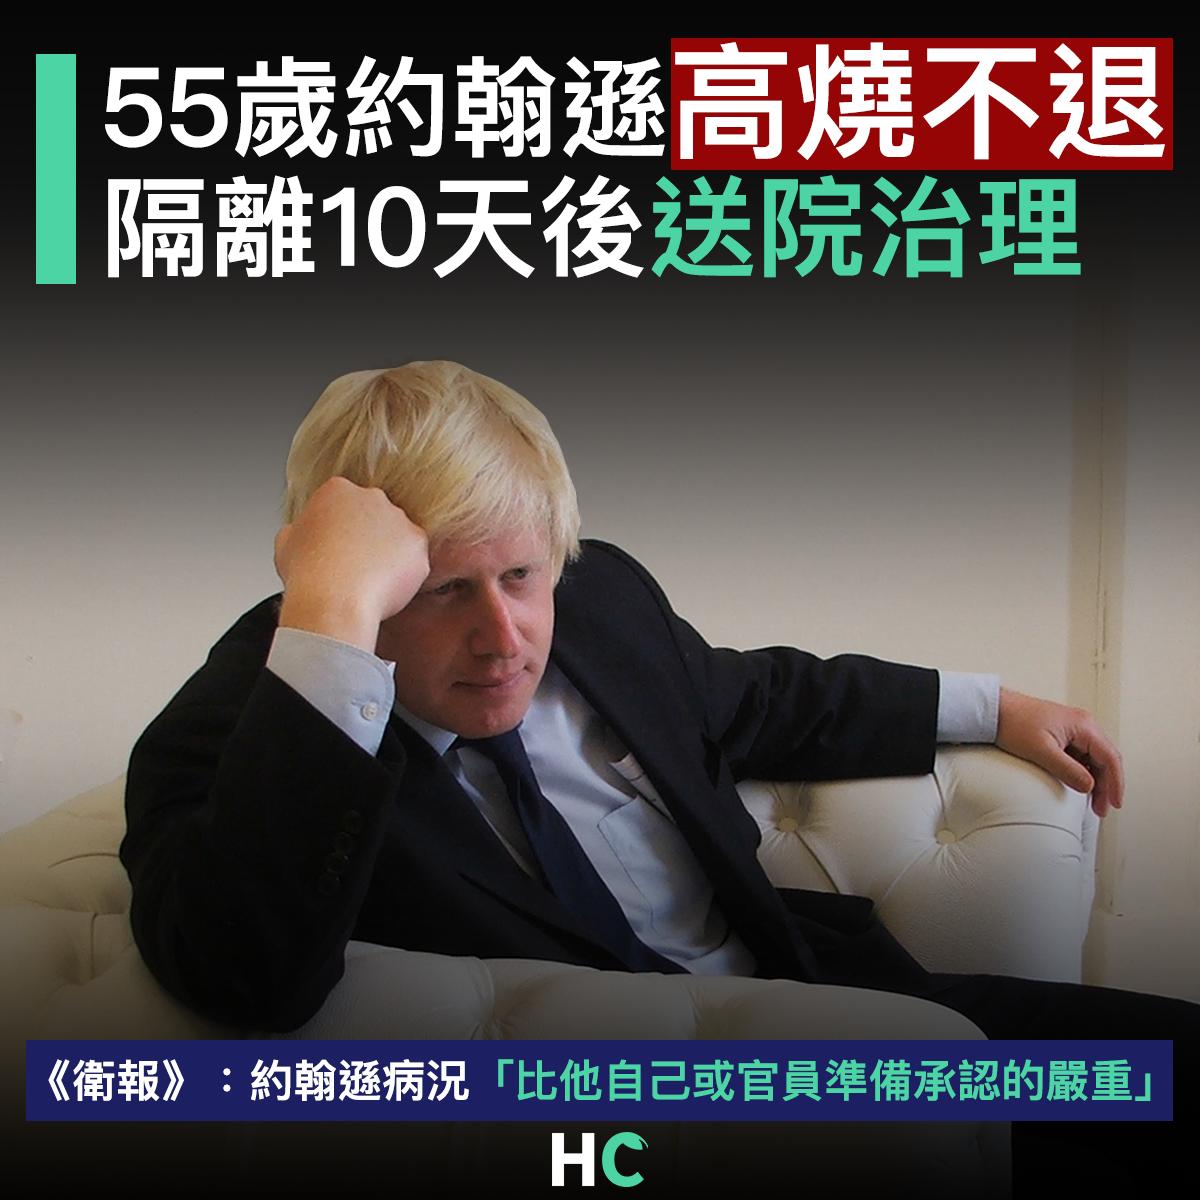 【#武漢肺炎】55歲約翰遜高燒不退 隔離10天後送院治理